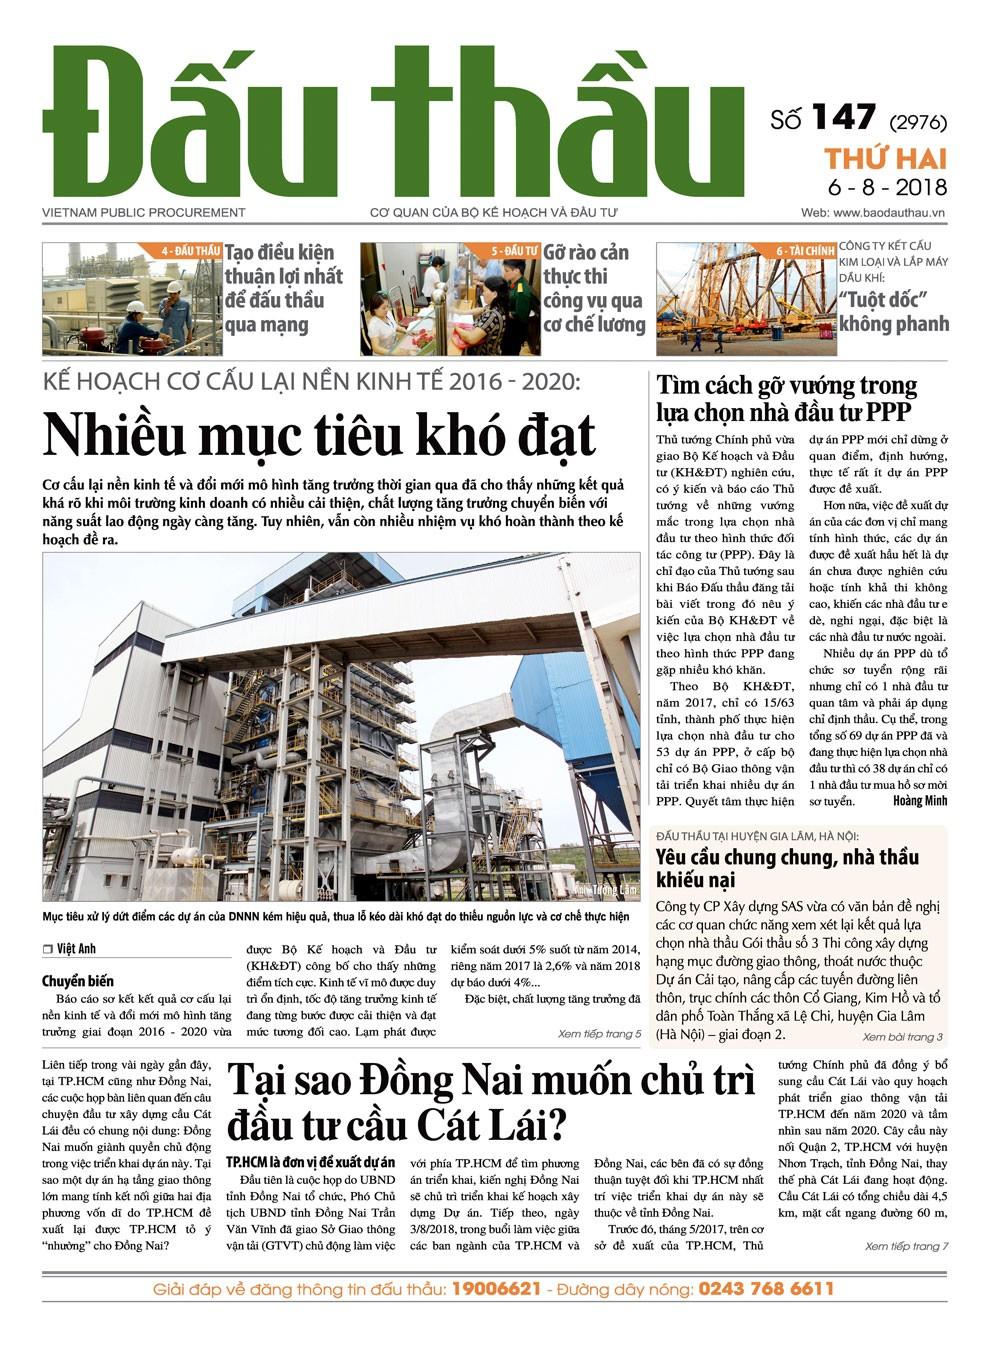 Báo Đấu thầu số 147 ra ngày 6/8/2018